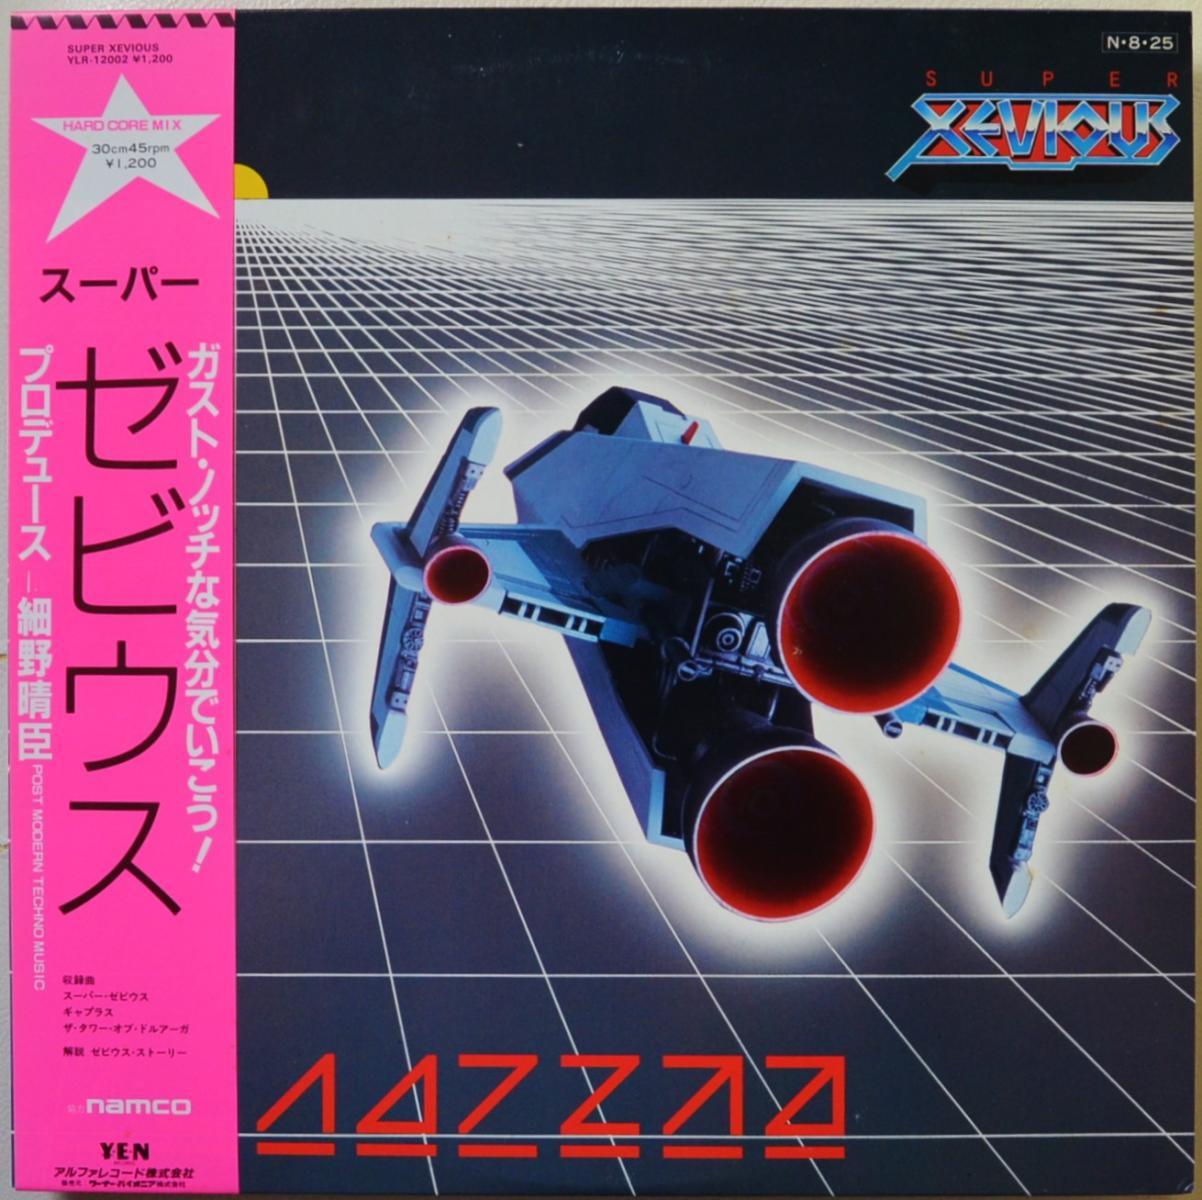 細野晴臣 HARUOMI HOSONO / スーパー・ゼビウス / SUPER XEVIOUS (12